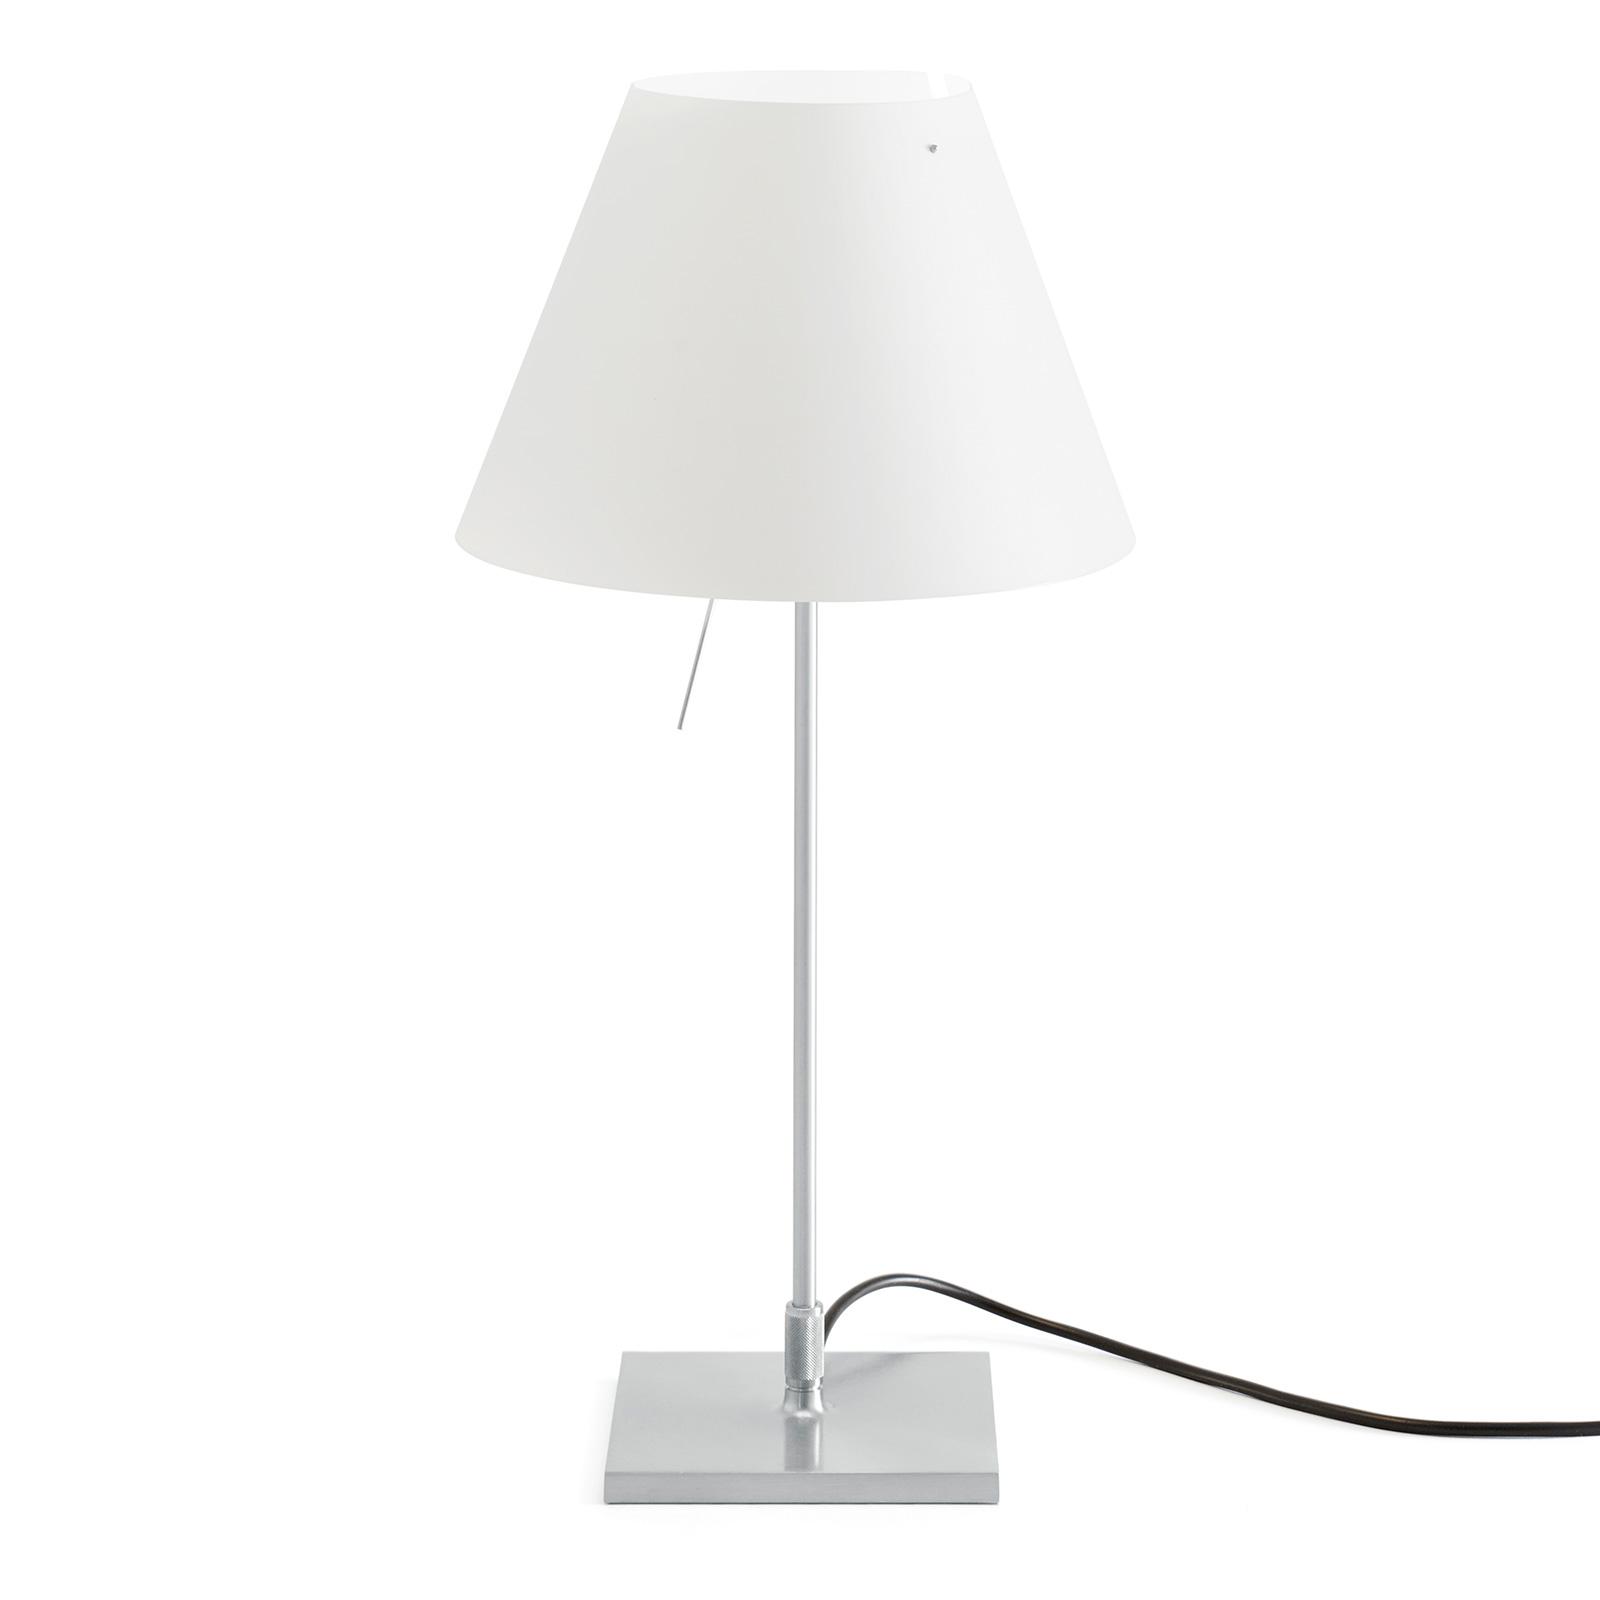 Luceplan Costanzina LED-Tischleuchte alu weiß